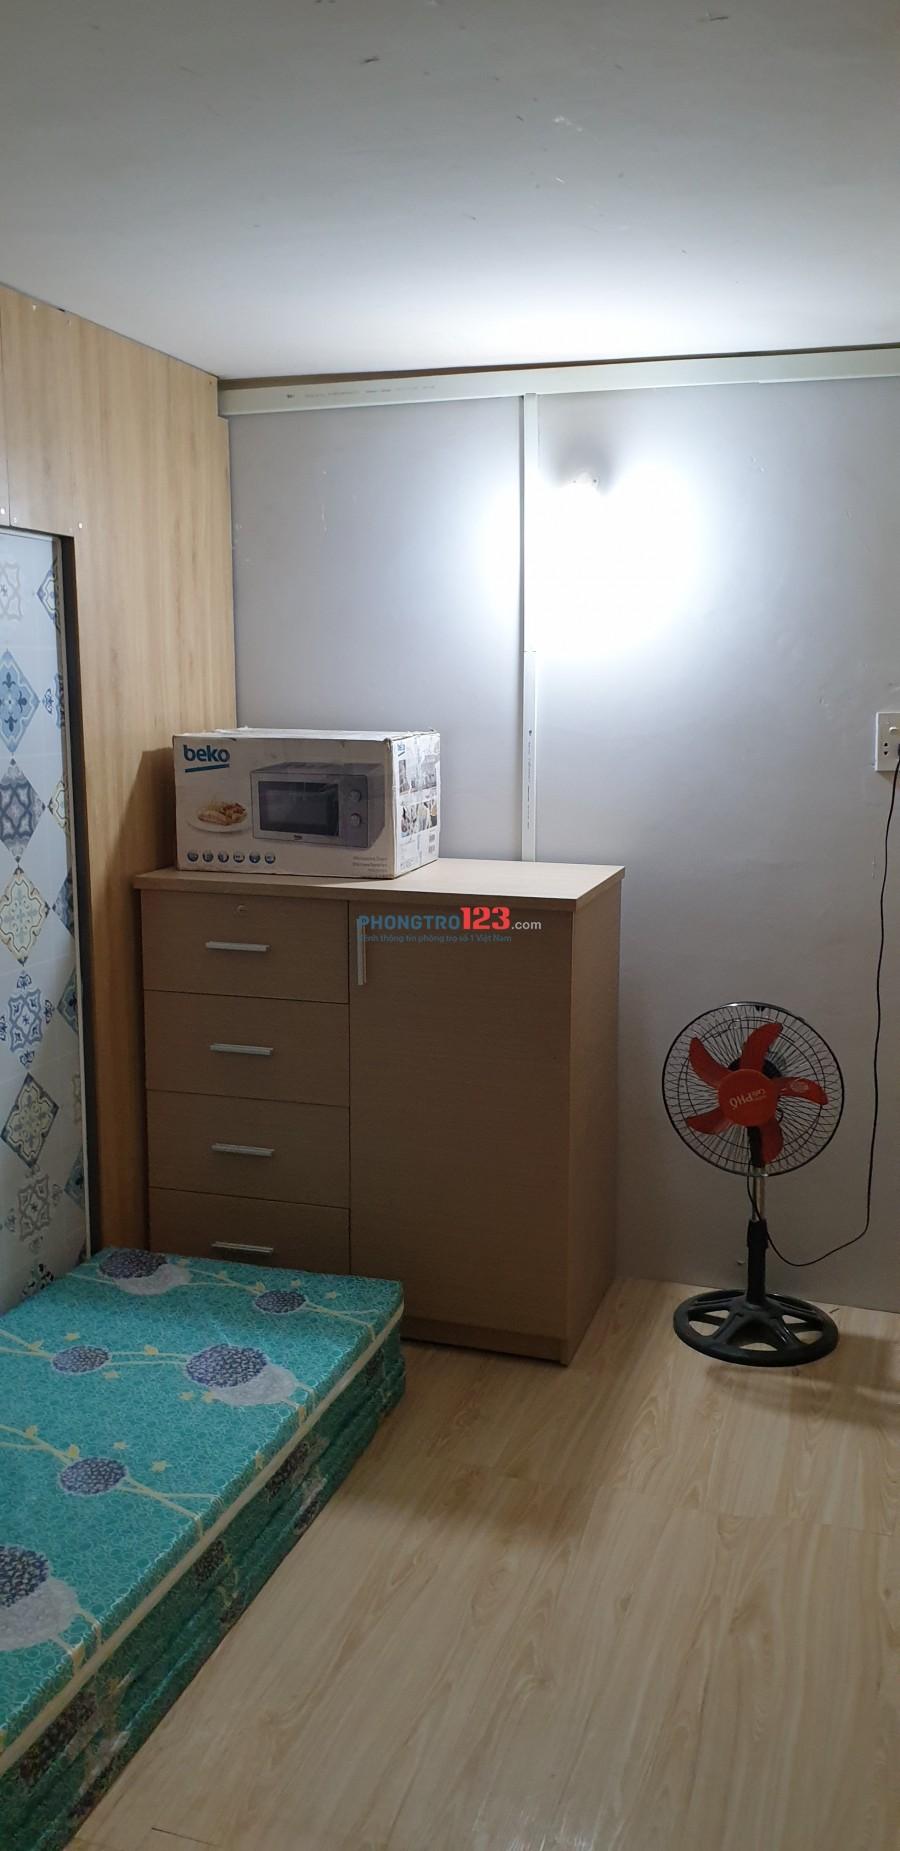 7 phòng riêng full nội thất giá 1Tr8 tại trung tâm F5, Bình Thạnh